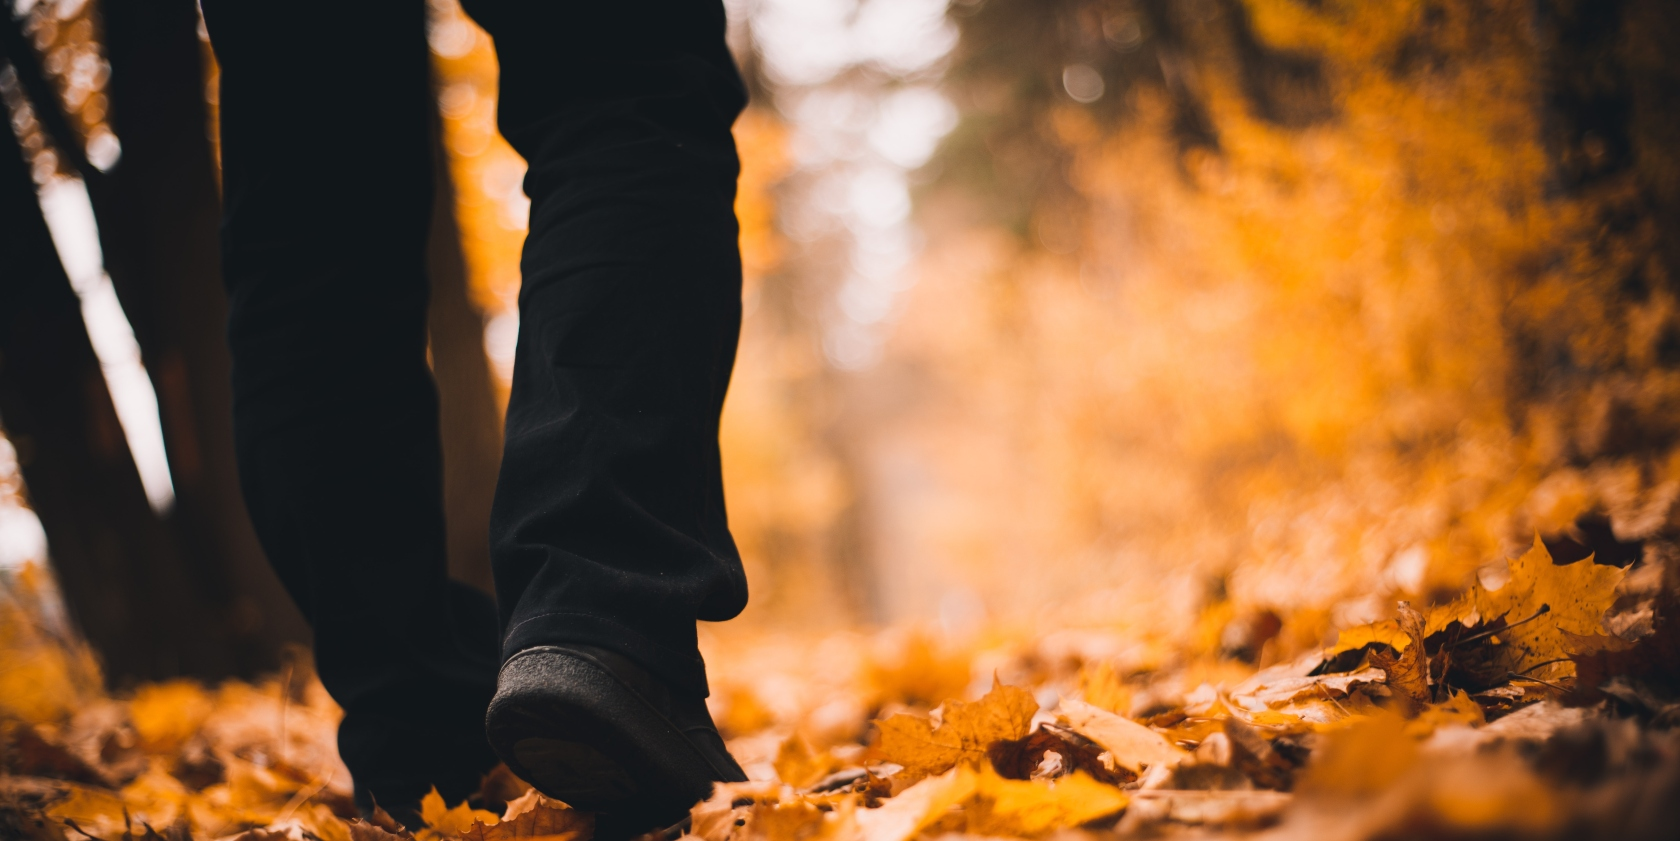 Man walking through autumnal leaves.